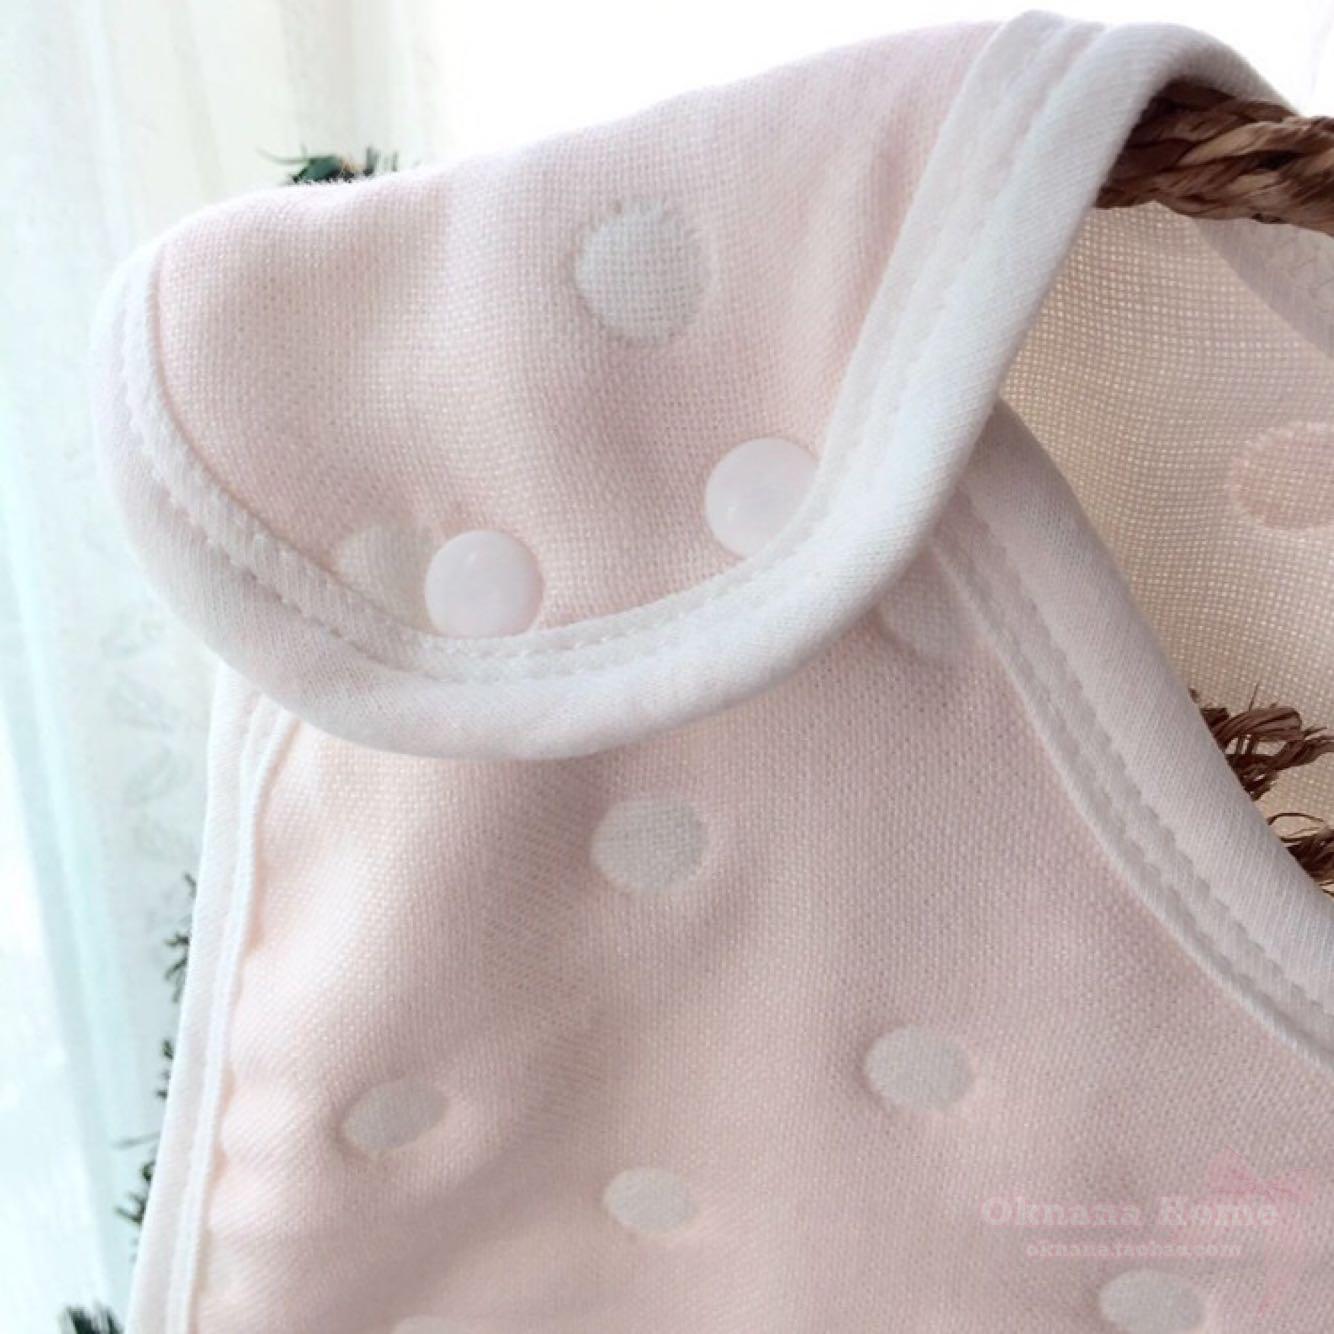 纯棉纱布婴儿纱布睡袋 秋冬幼儿园宝宝抱被儿童宝贝防踢被被子